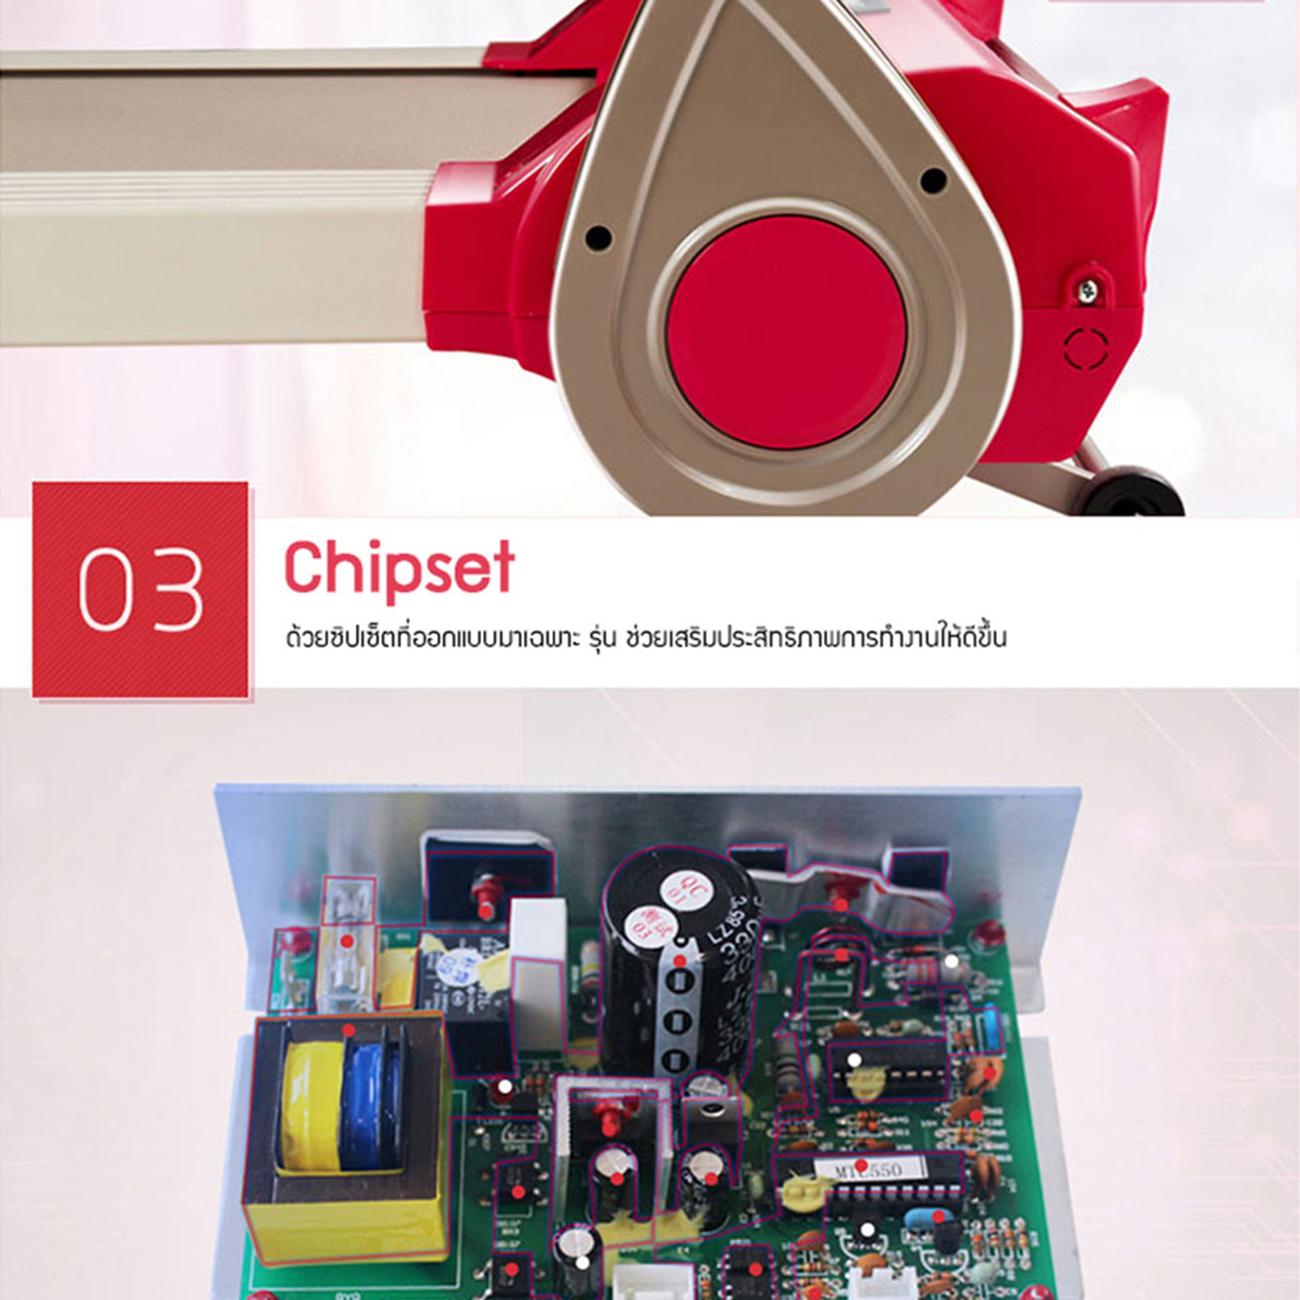 ลู่วิ่งไฟฟ้า 360องศา ฟิตเนส รุ่น MTF 3010 - 1.0 CHP motor